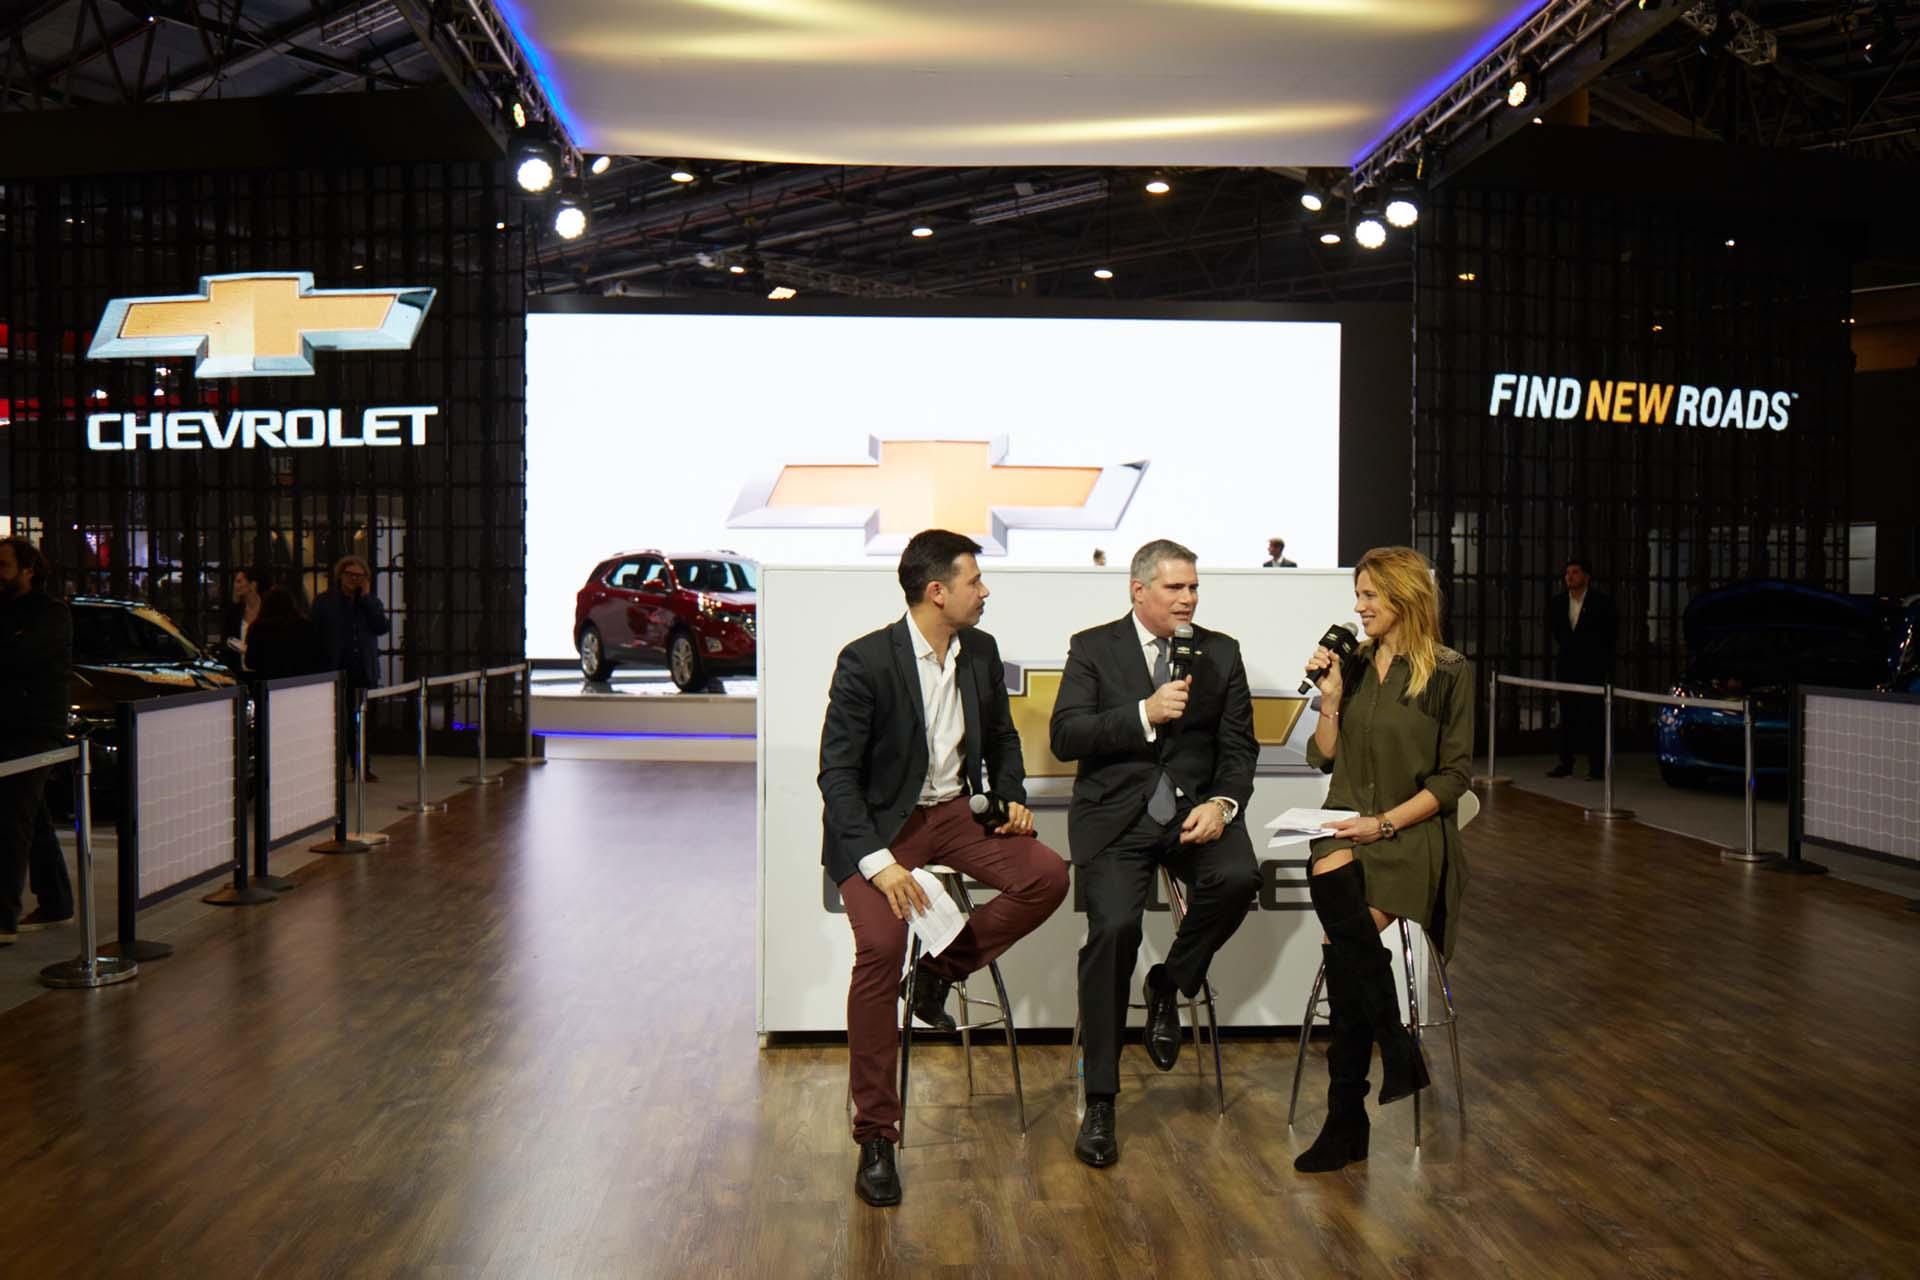 El periodista Santiago do Rego, Carlos Zarlenga y la periodista Alina Moine en la presentación de Chevrolet (GM)